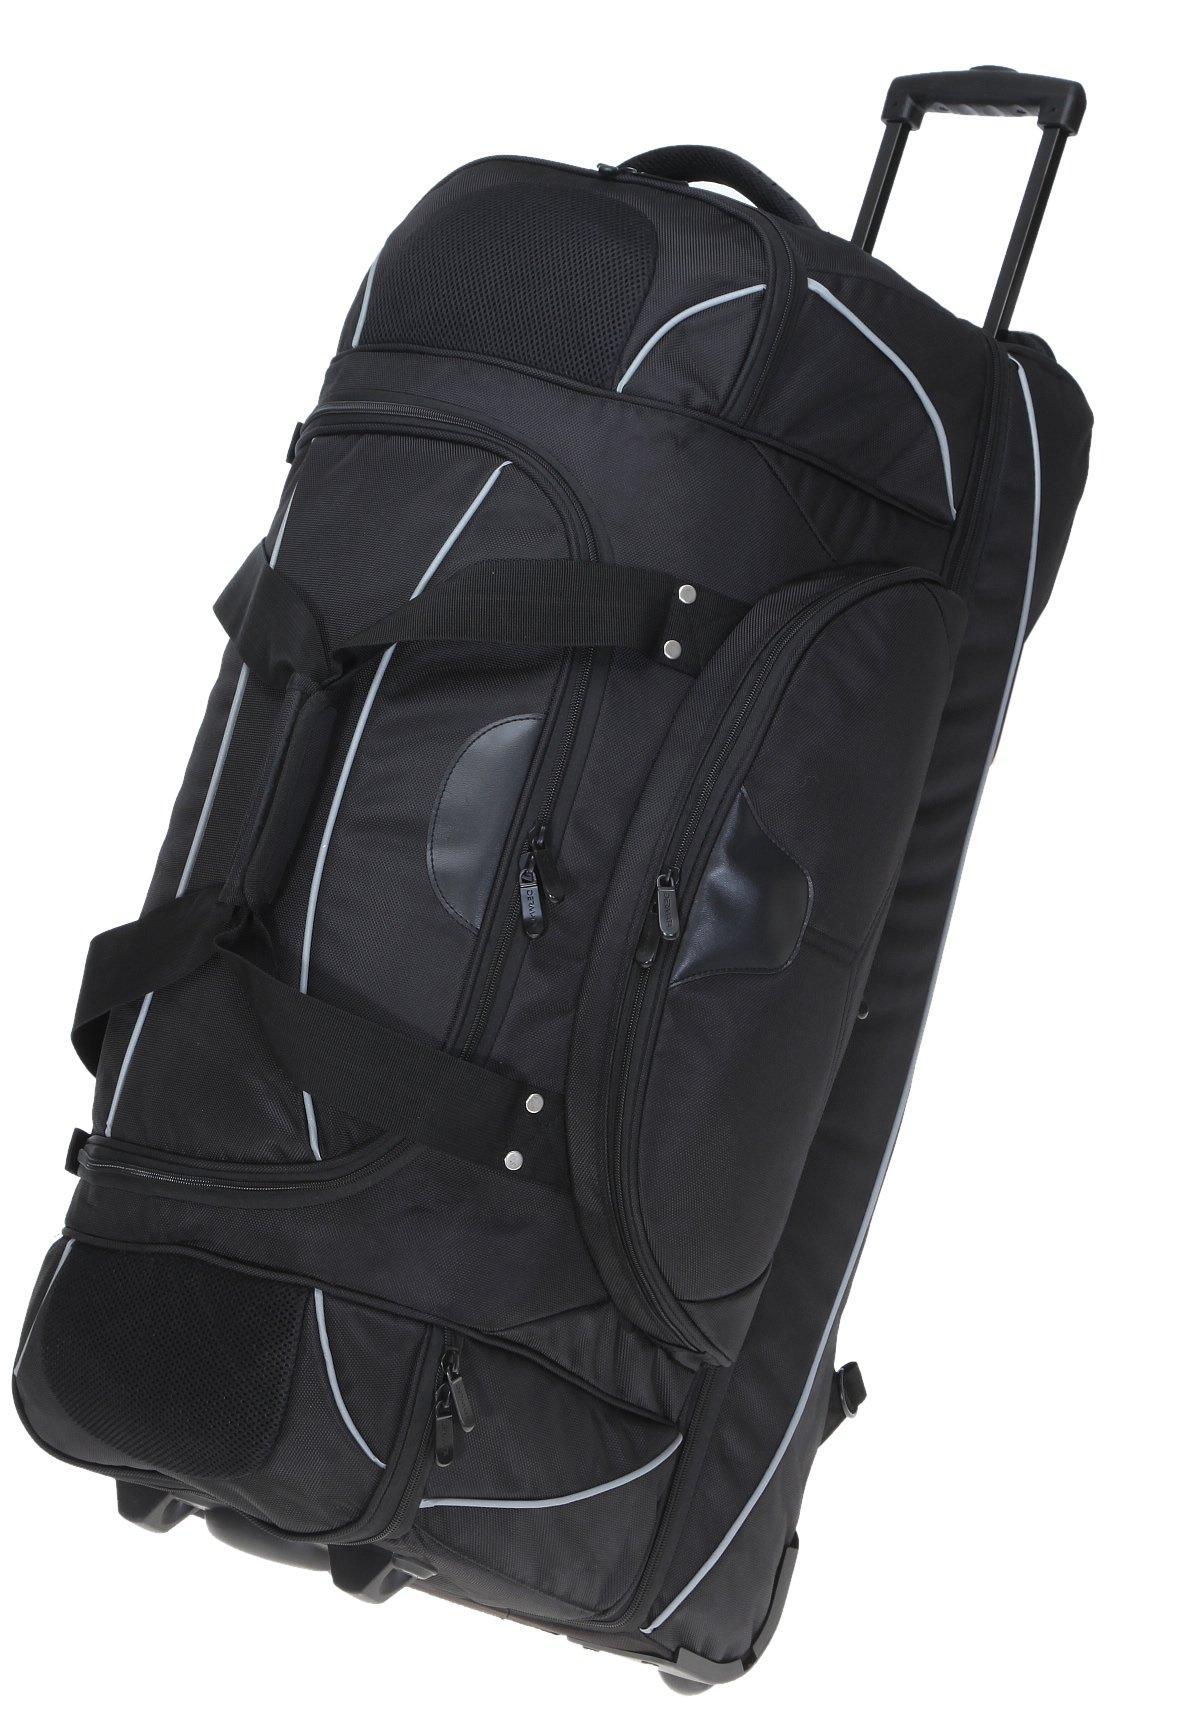 Dermata-Reisetrolley-BIGPACK-83-cm-XXL-mit-Sandwich-Klappboden-Kofferschlo-FlssigkeitenbeutelAuswahl